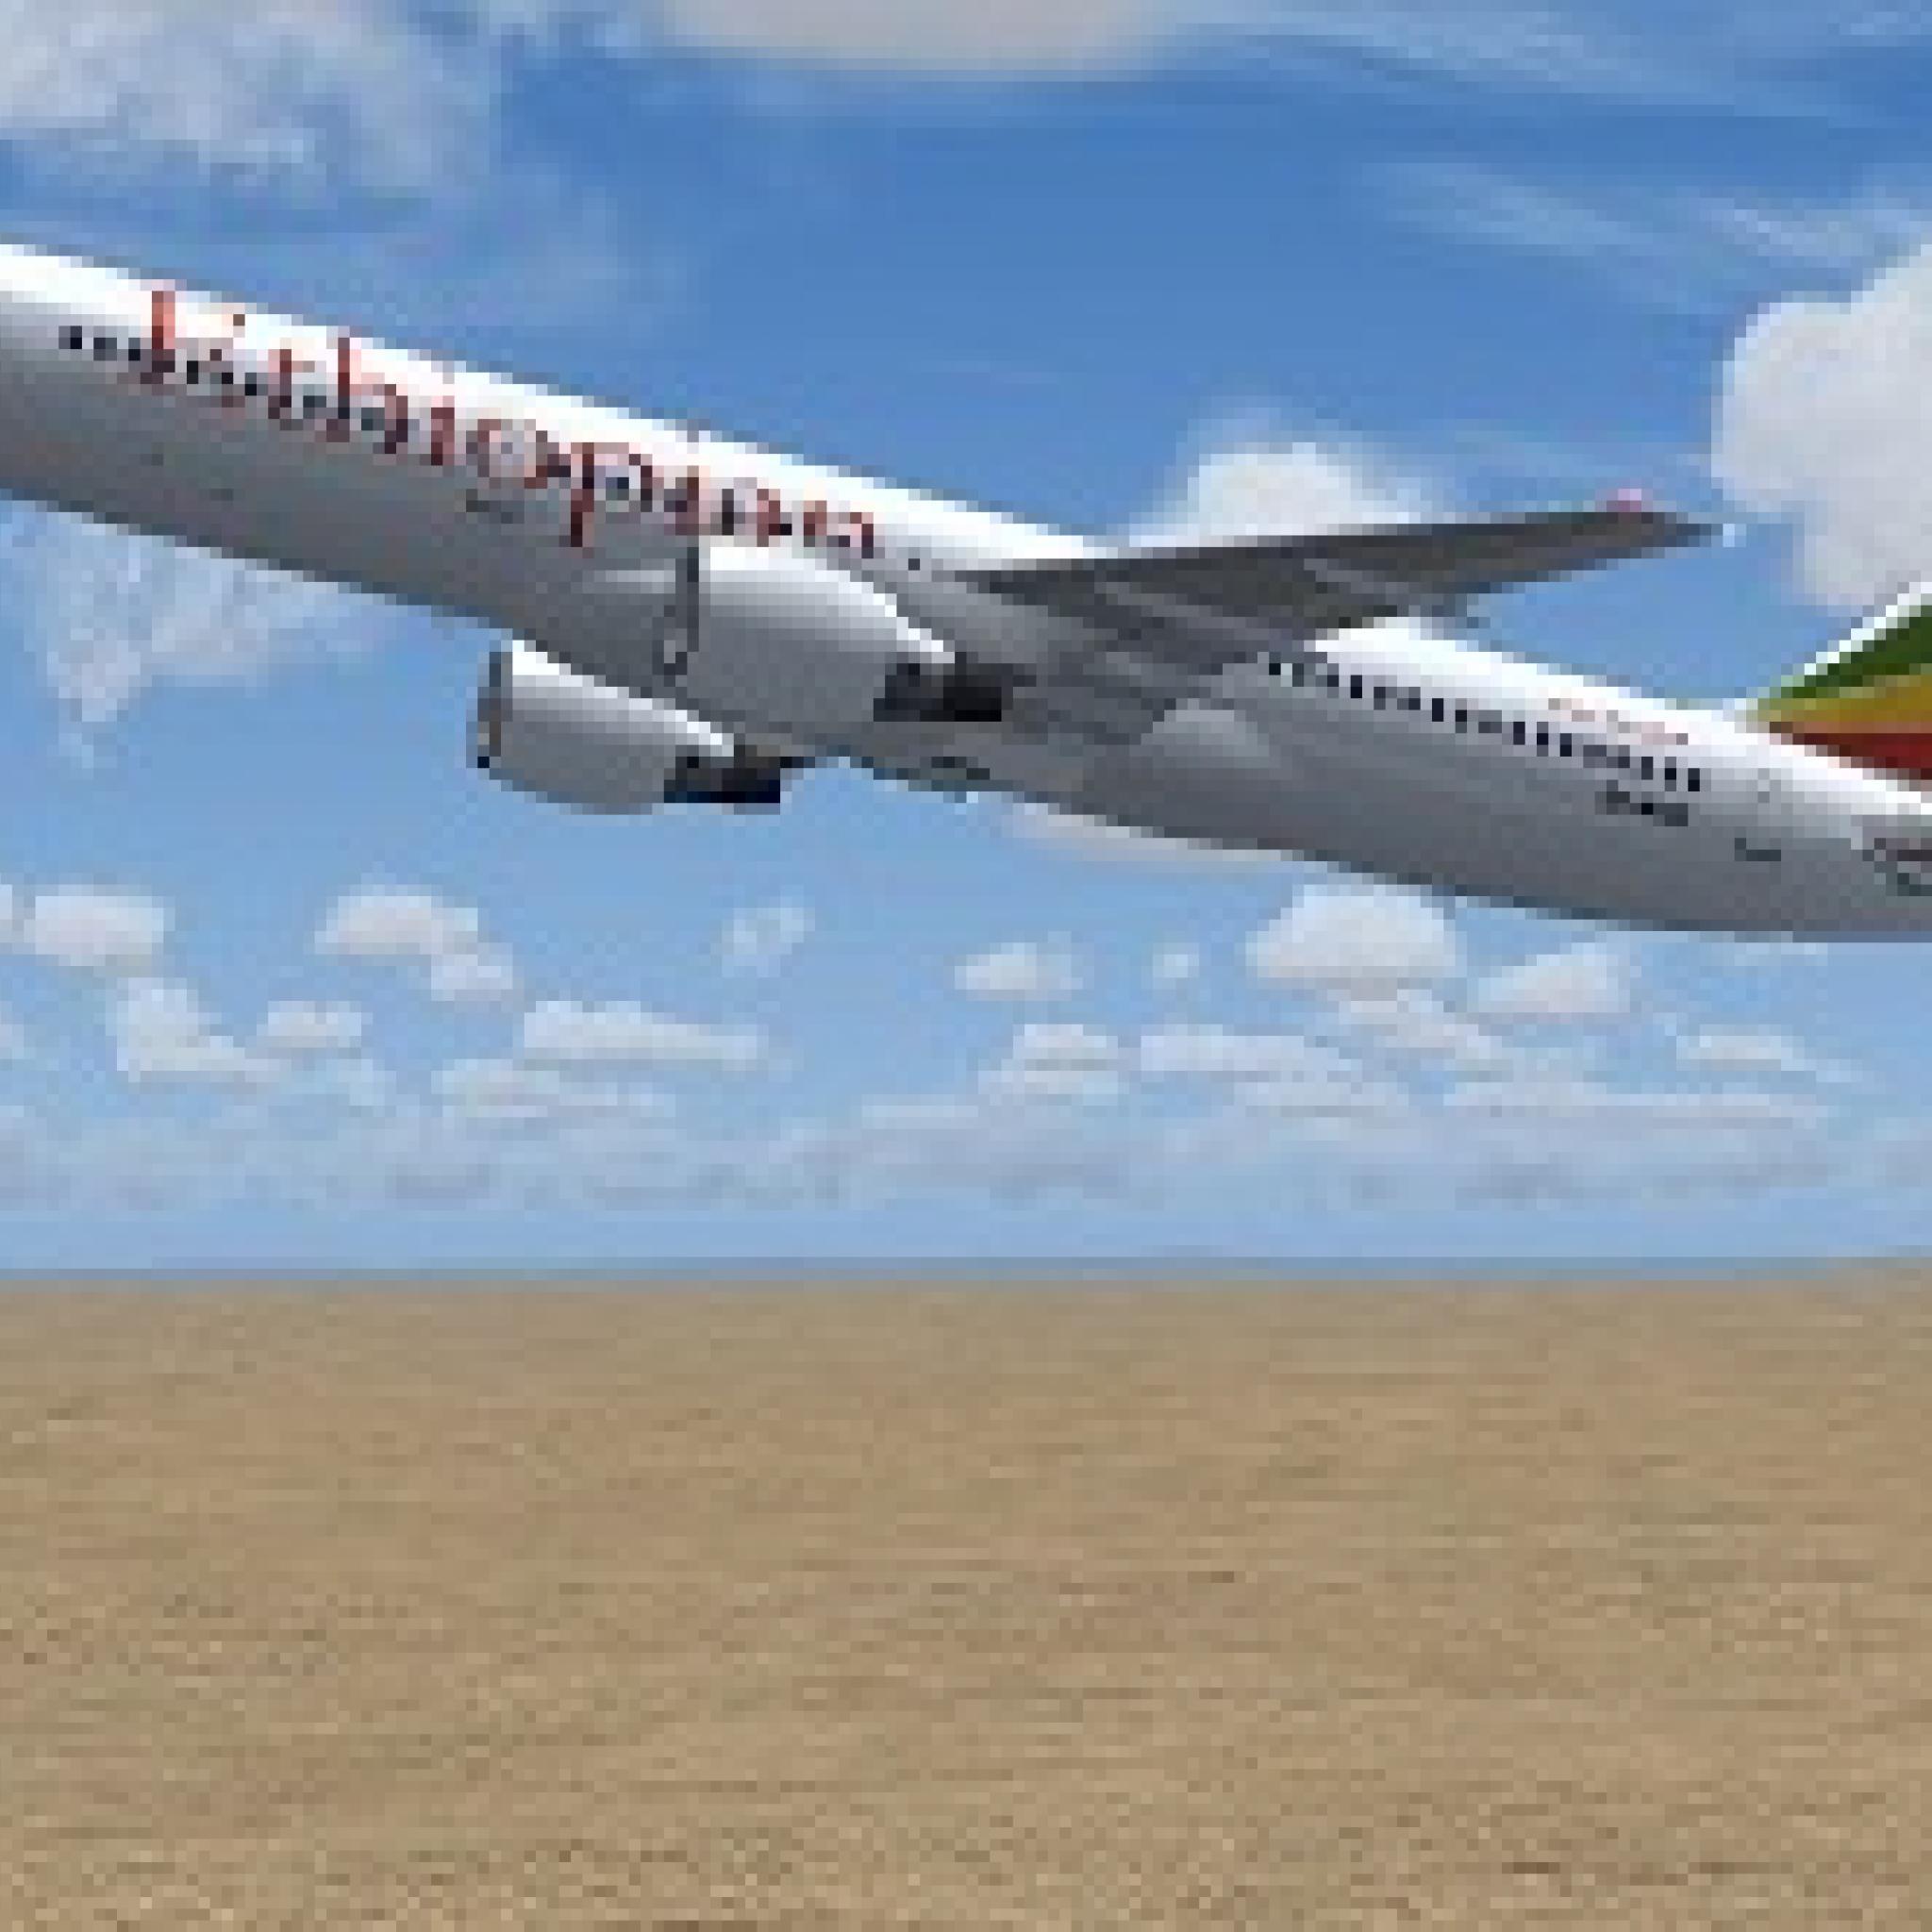 የኢትዮጵያ አየር መንገድና የዛምቢያ መንግስት የ30 ሚሊየን ዶላር ስምምነት ተፈራረሙ - Ethiopian Airlines and Zambia Government Signed a $ 30 Million Deal